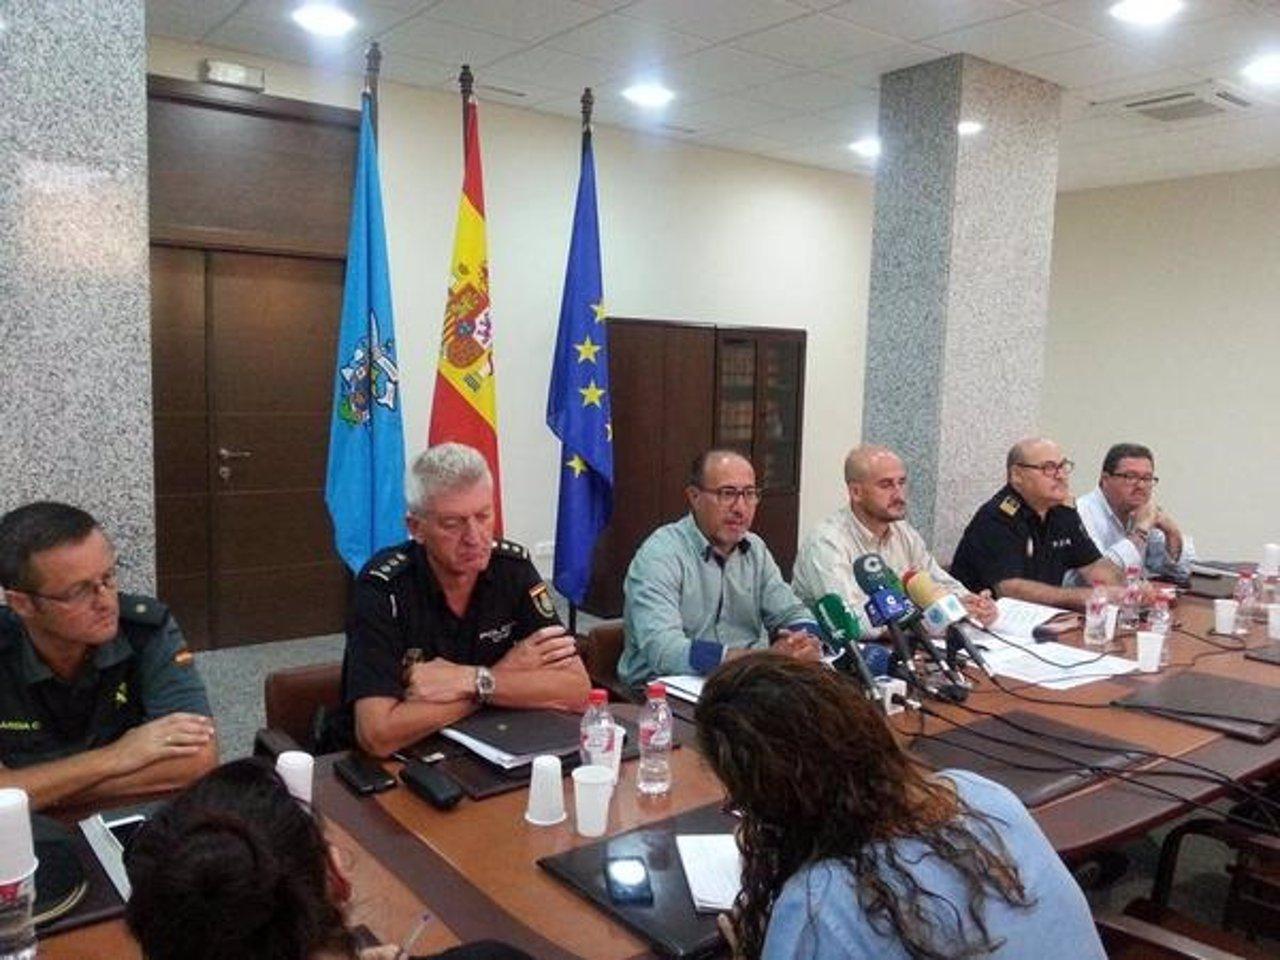 Abdelmalik El Barkani en el centro de la imagen